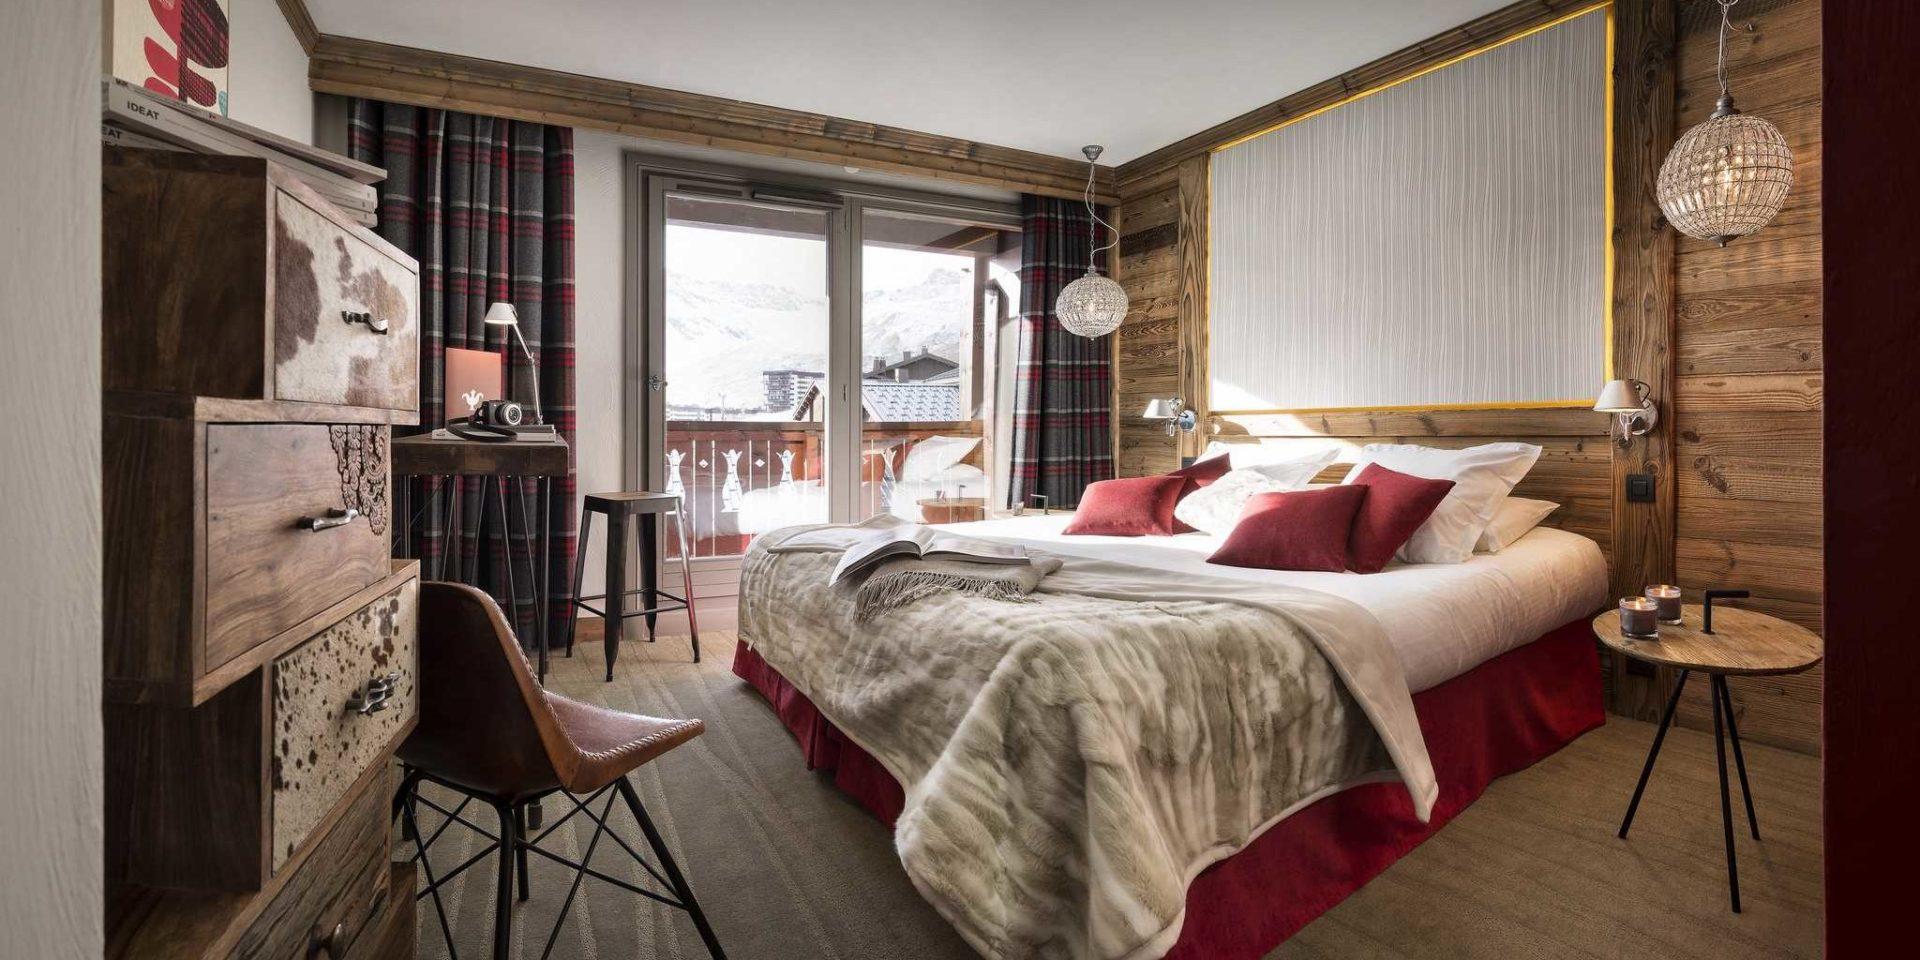 Hotel Village Montana Tignes Tignes-Val d'Isere Frankrijk wintersport skivakantie luxe slaapkamer 2-persoonsbed rode kussens sprei handlamp tafeltje bruine stoel kast geblokte gordijnen balkon bergen